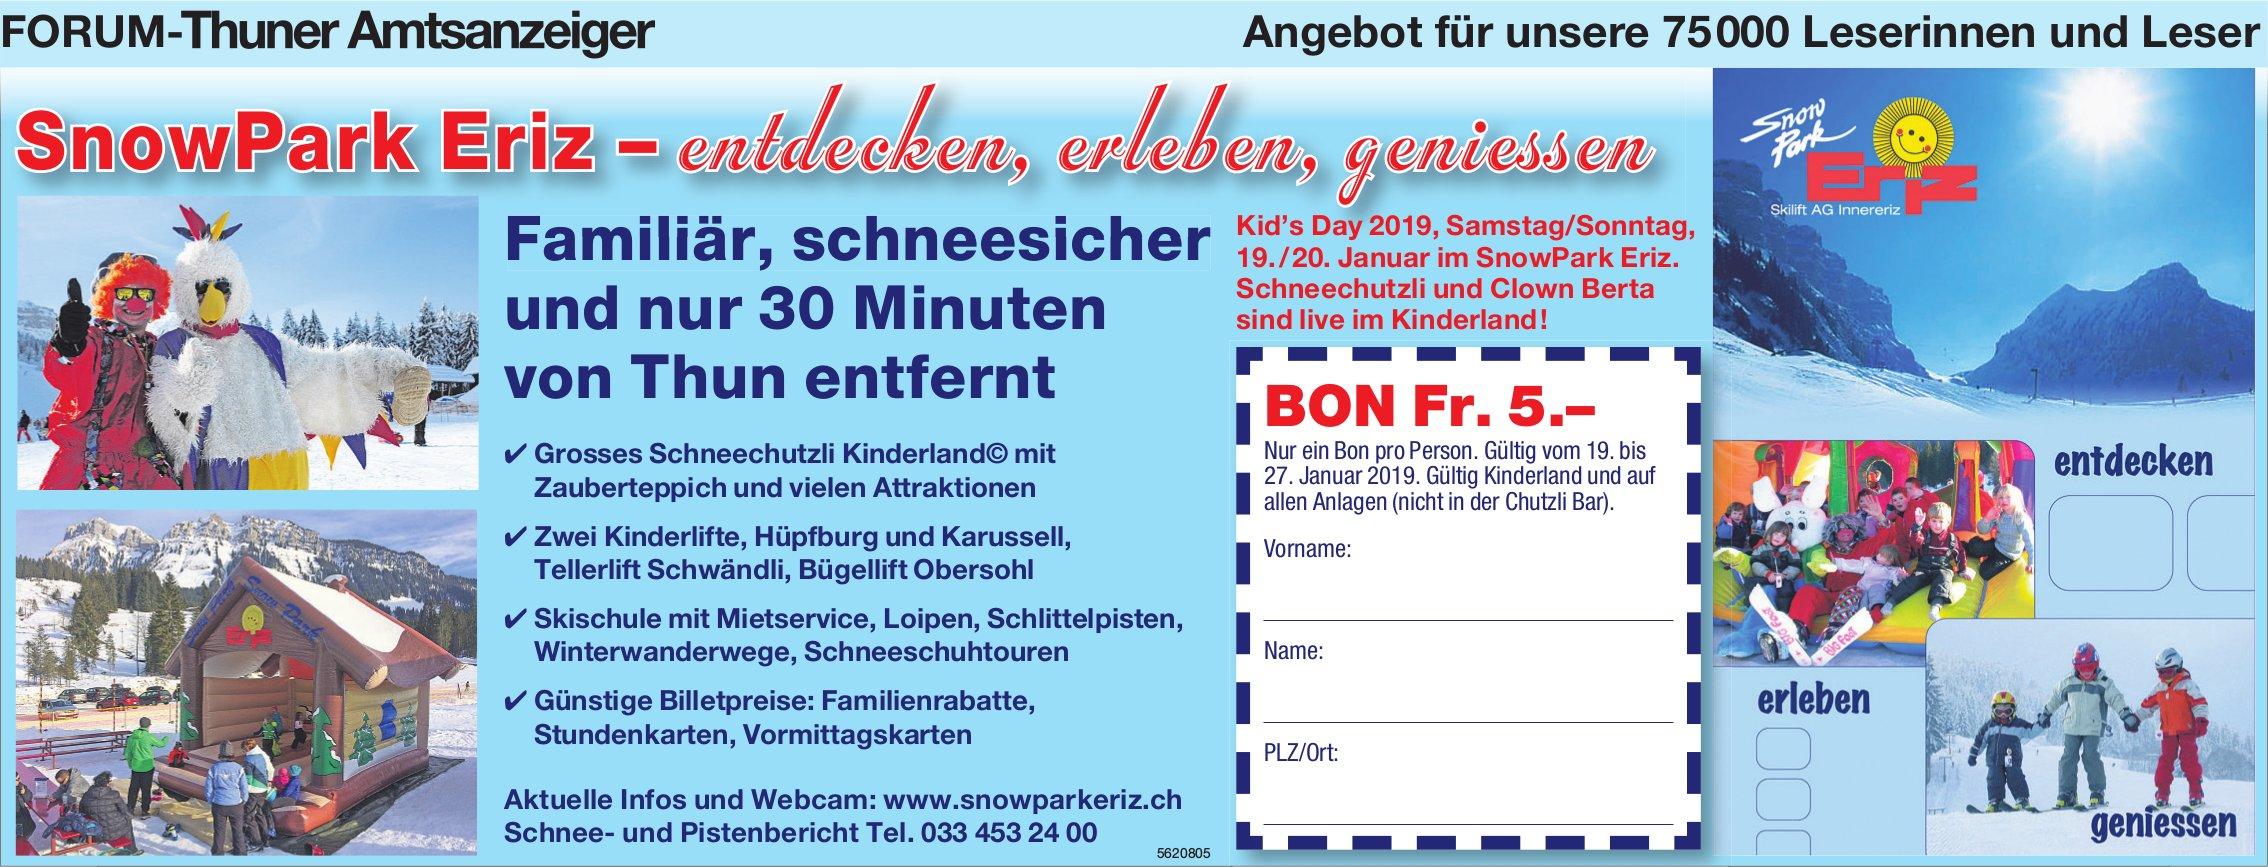 Forum-Thuner Amtsanzeiger - SnowPark Eriz: entdecken, erleben, geniessen